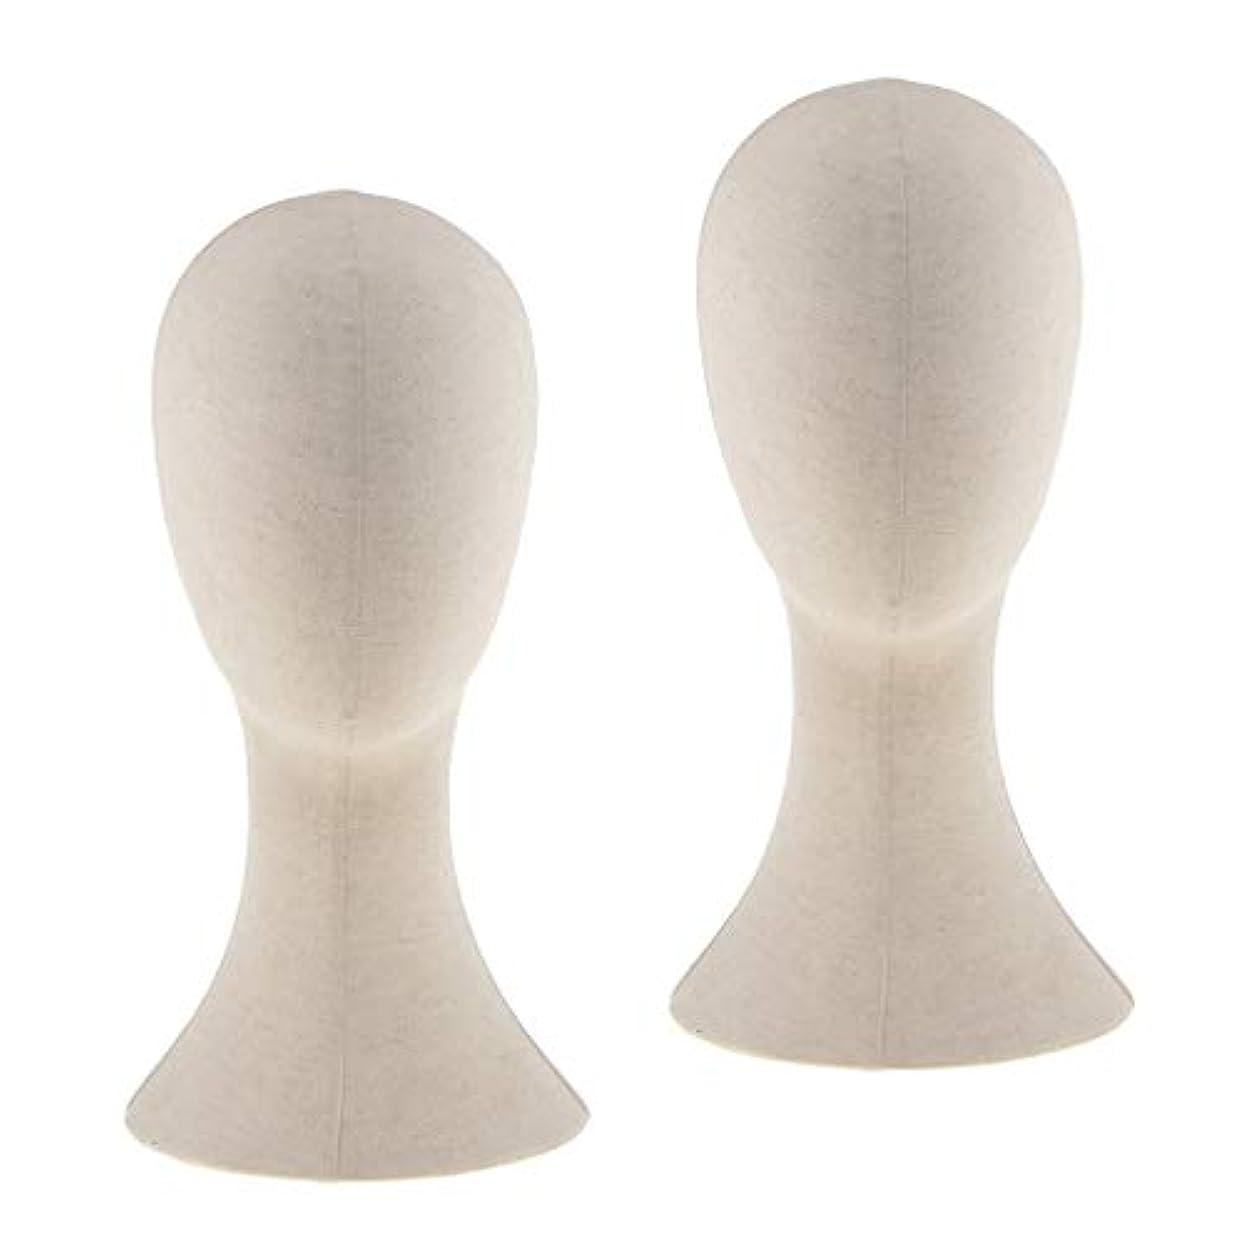 早める制限するオートDYNWAVE マネキンヘッド ウィッグスタンド練習 頭部 女性ウィッグマネキン ディスプレイ 帽子スタンド 2個入り